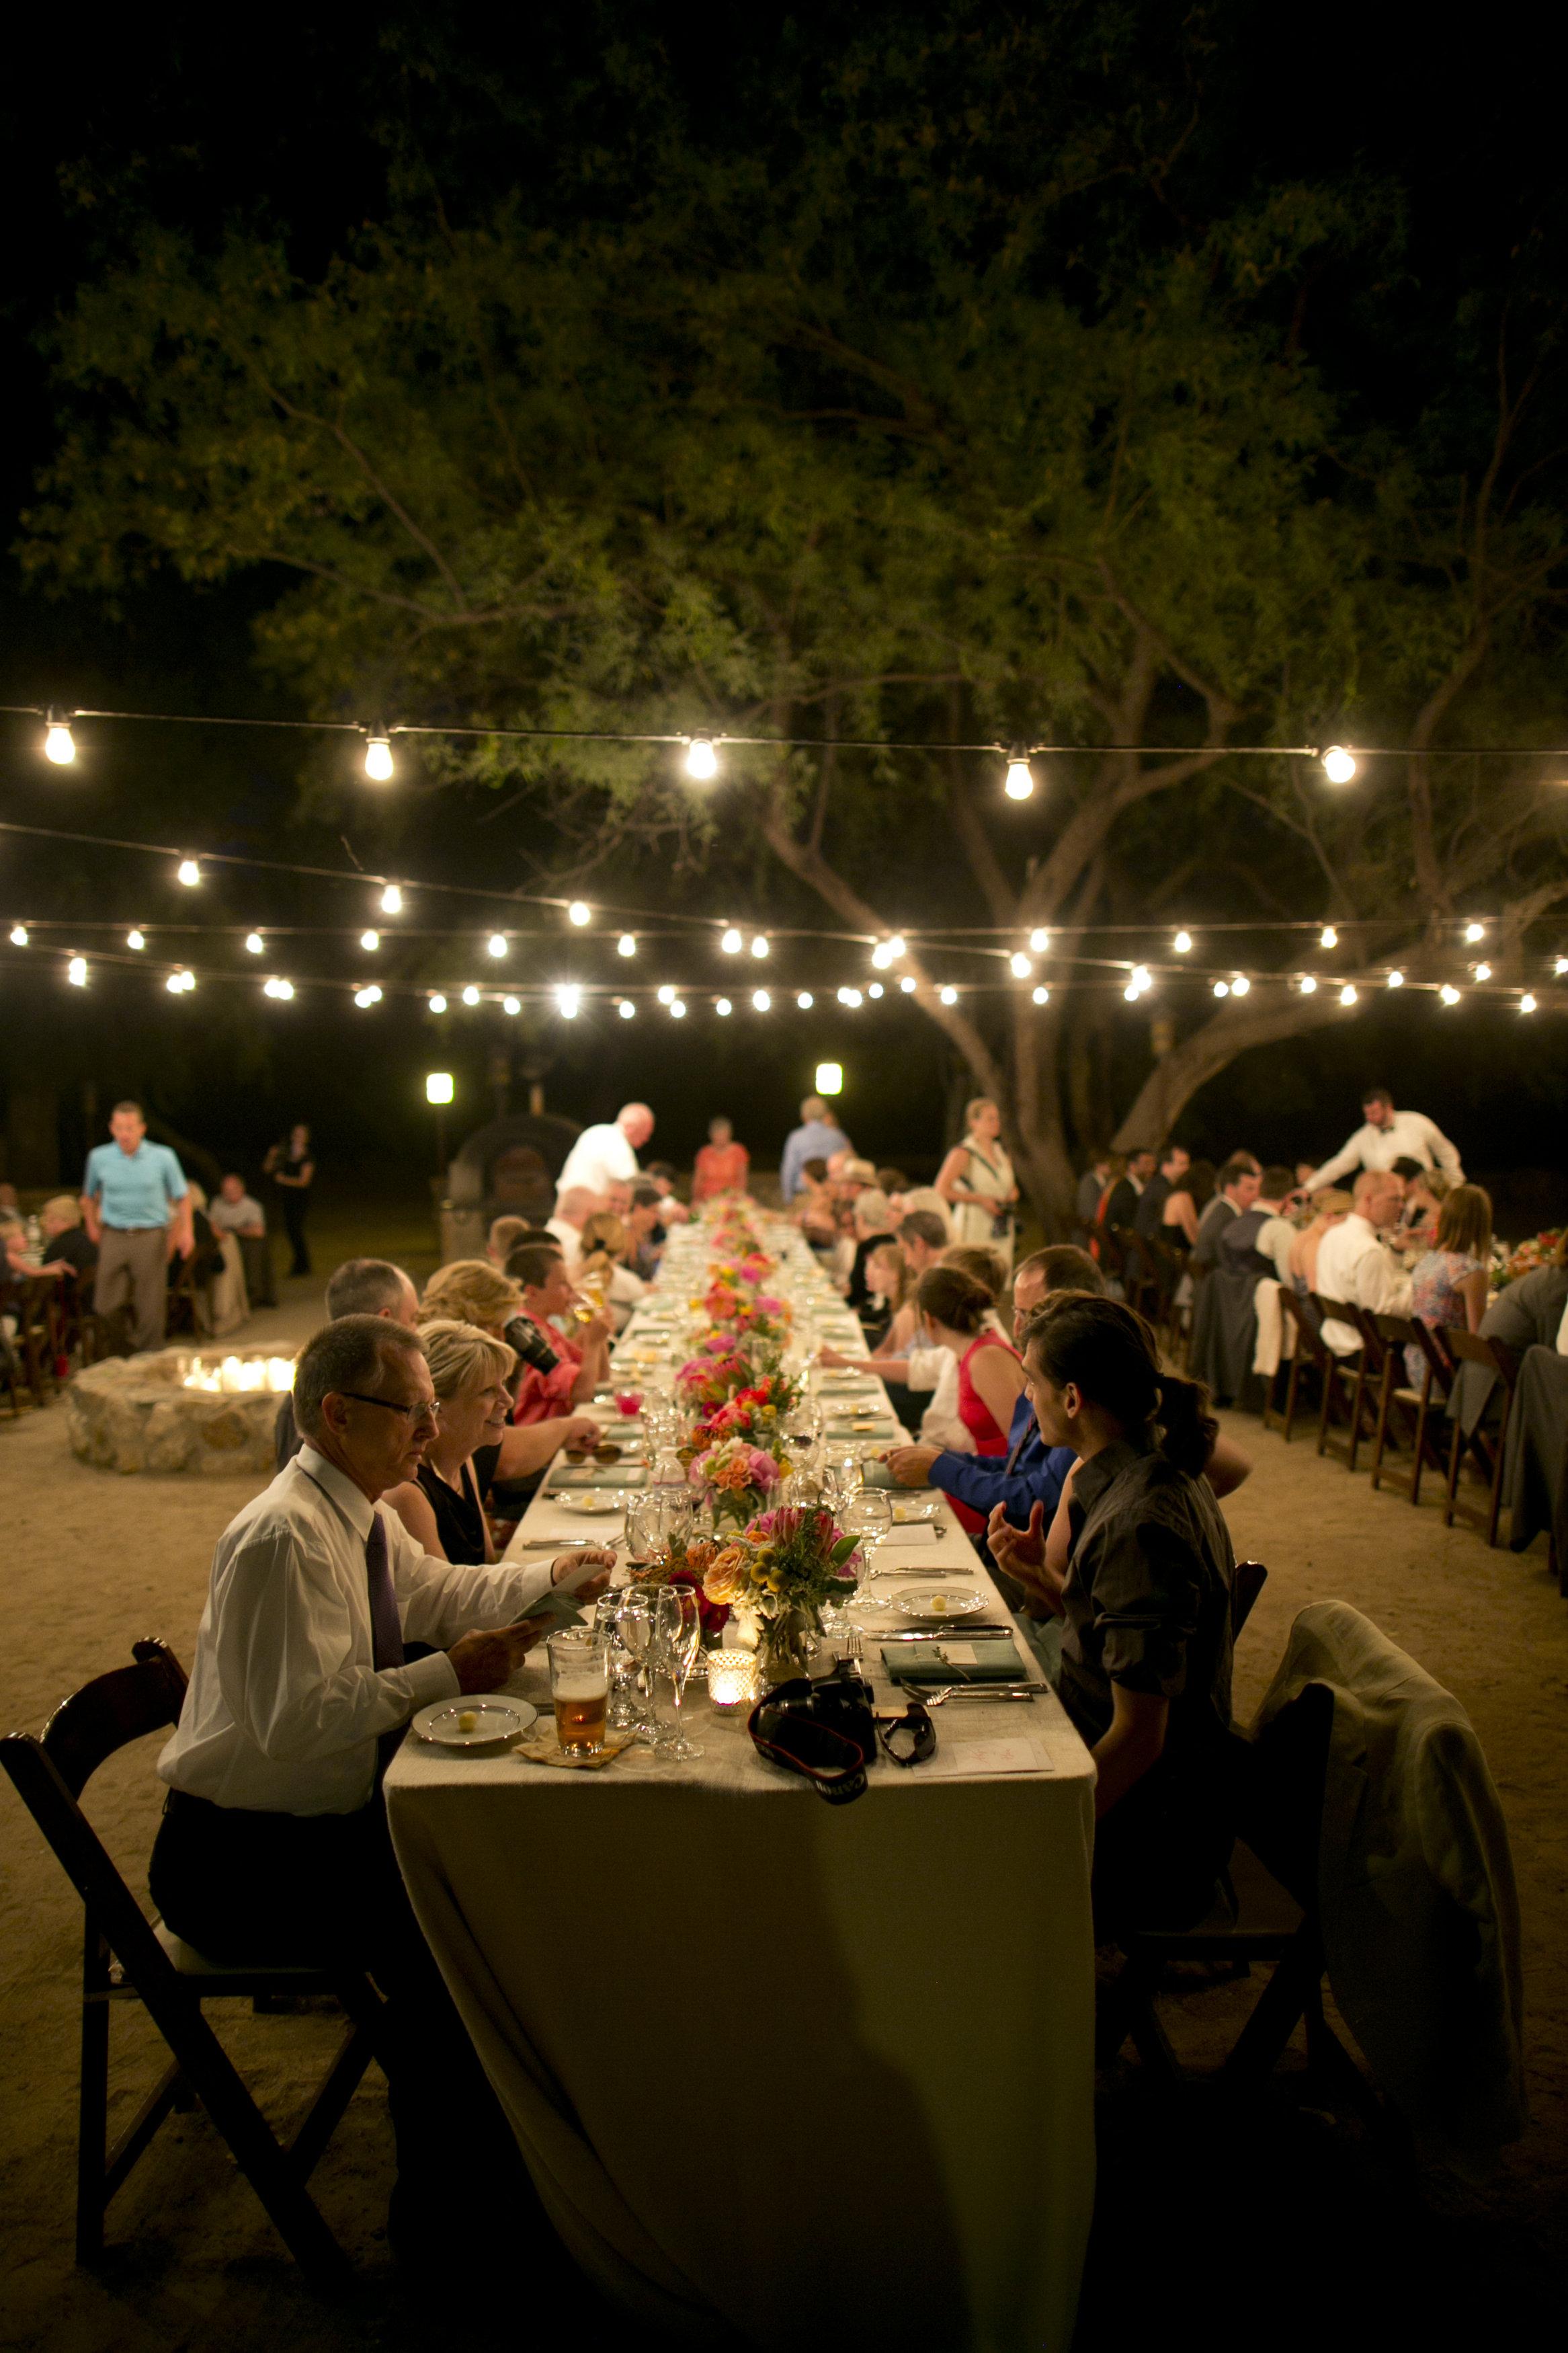 Ceci_New_York_Ceci_Style_Ceci_Johnson_Luxury_Lifestyle_Arizona_Wedding_Watercolor_Inspiration_Design_Custom_Couture_Personalized_Invitations_185.jpg